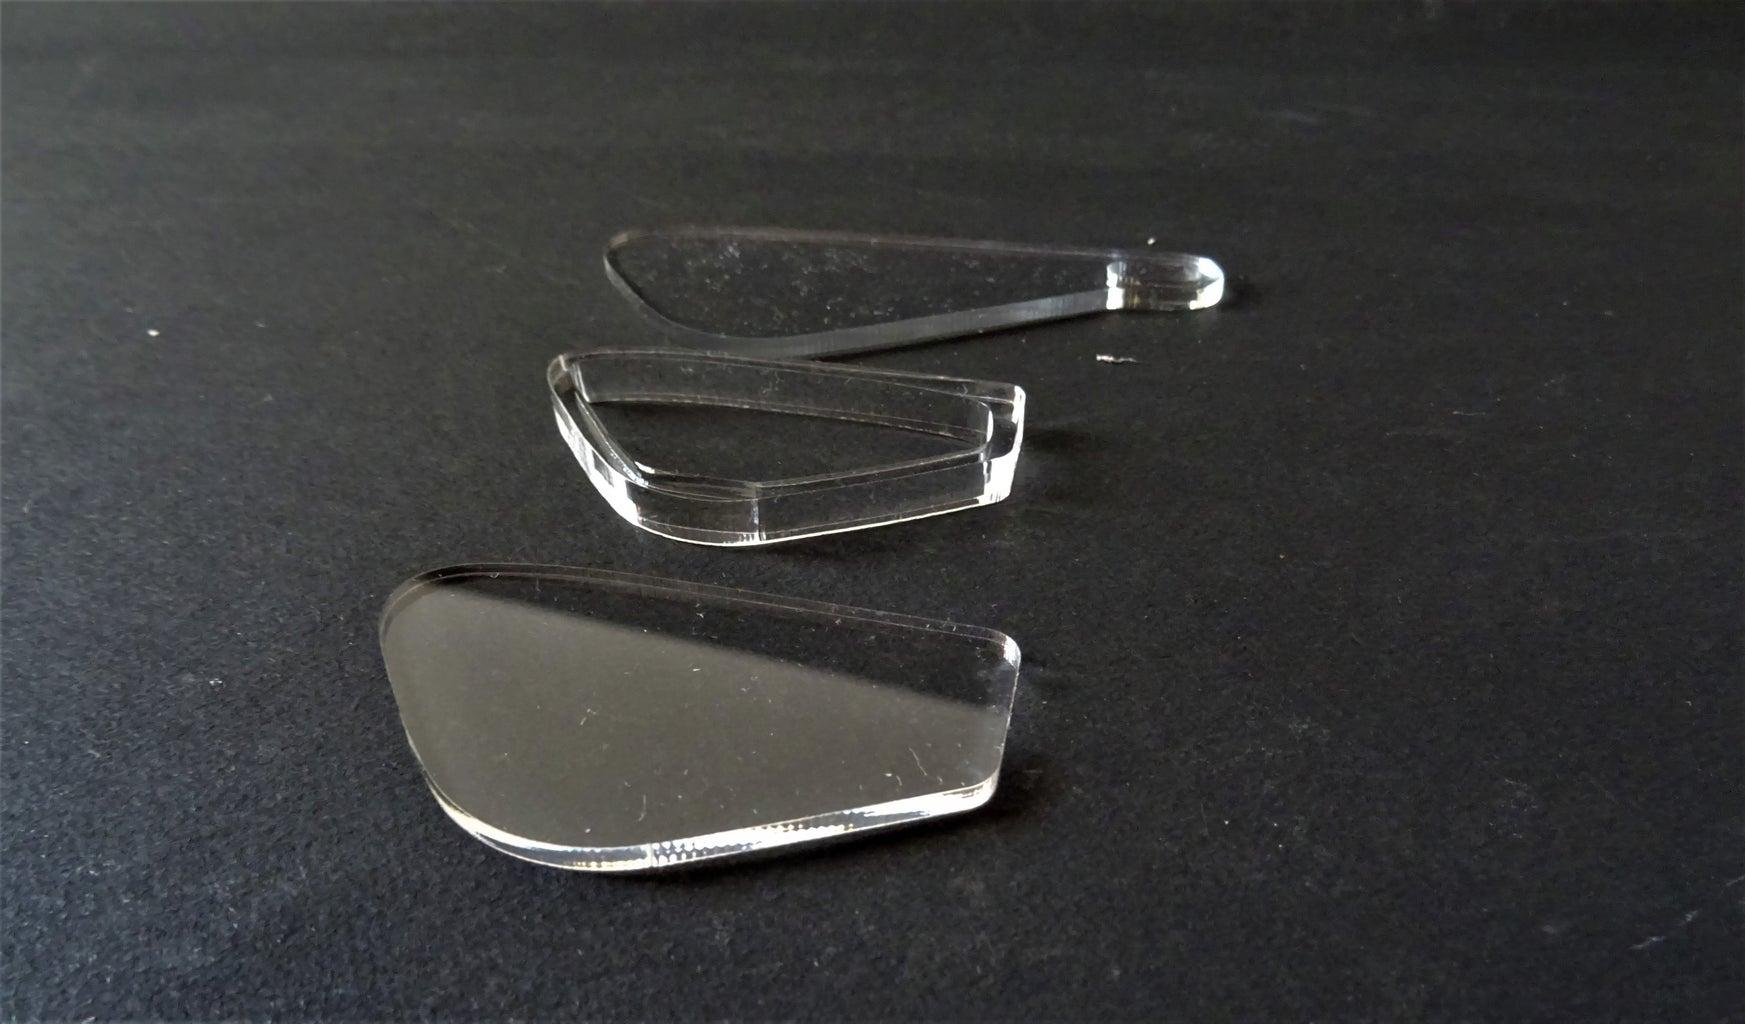 Assembling the Lense Holders